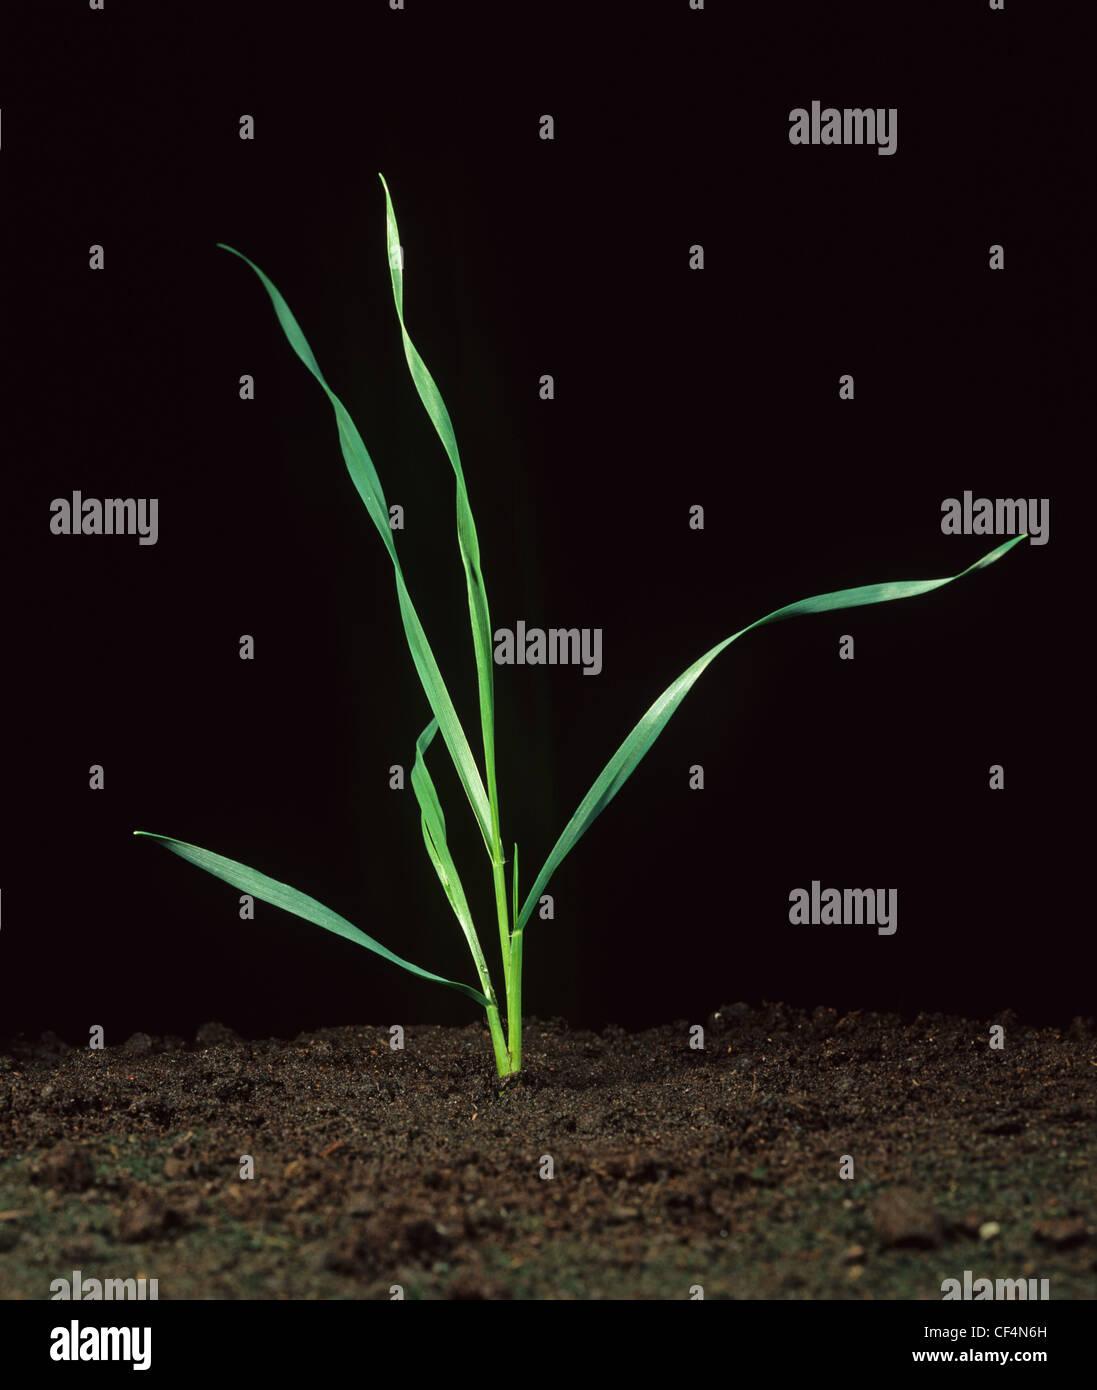 Les jeunes plants de blé au stade 21 Photo Stock